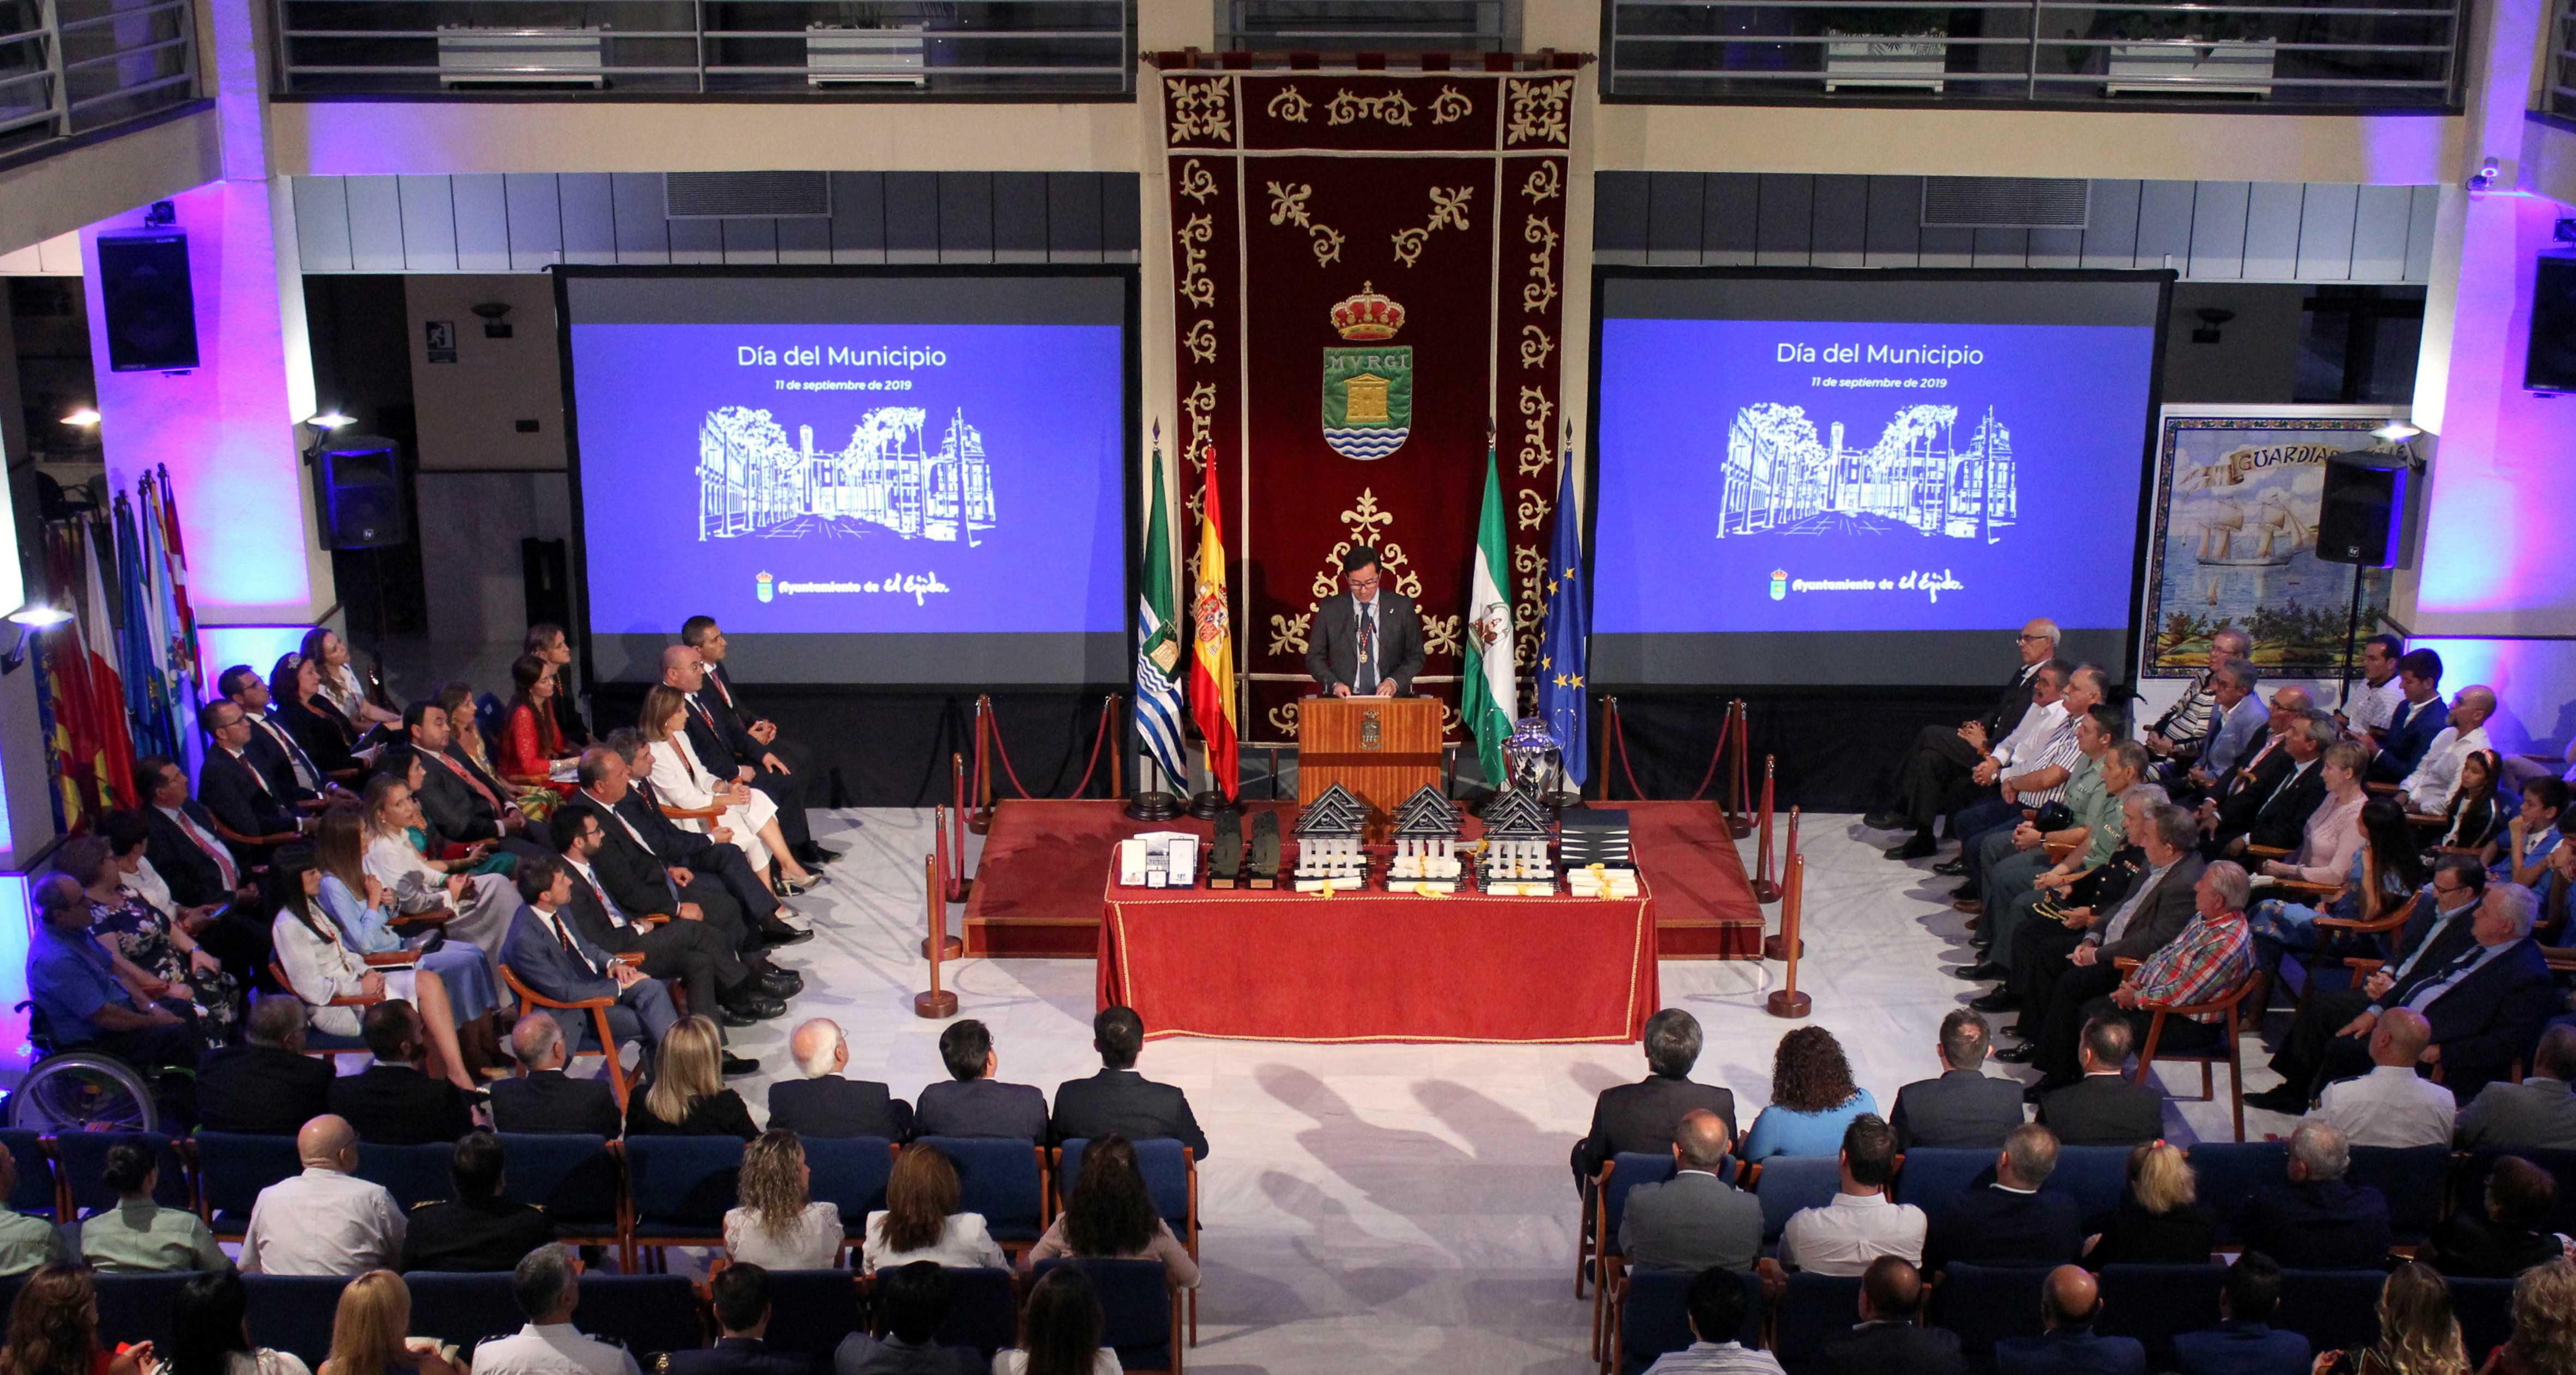 El alcalde ensalza el buen gobierno, el compromiso, la responsabilidad y el rigor que permiten un mayor ritmo inversor en el marco del XXXVII Día del Municipio